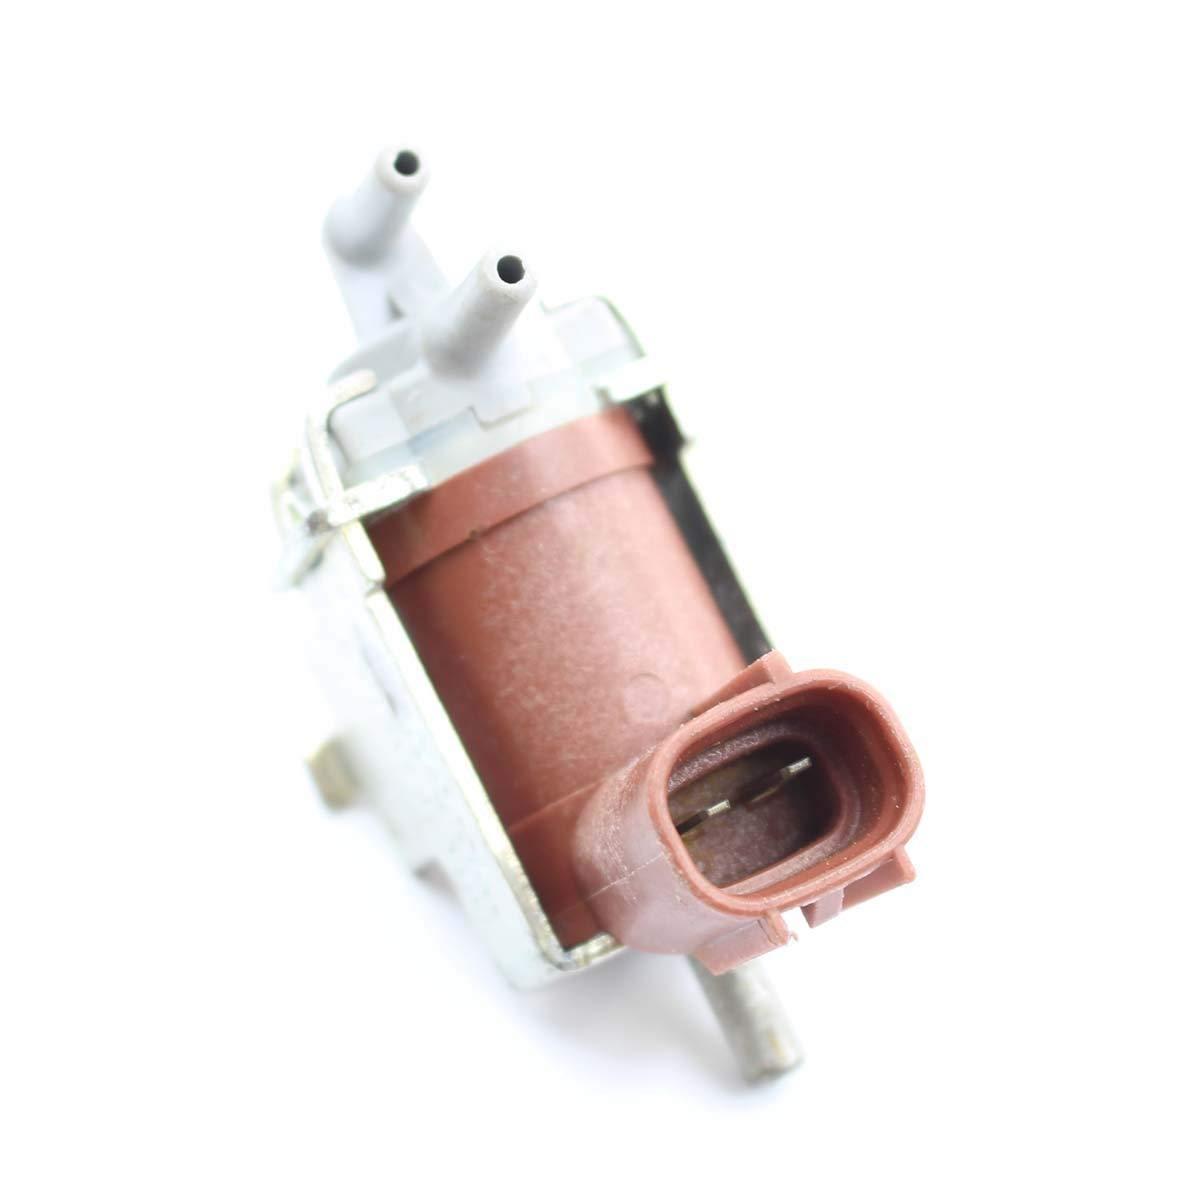 Amhousejoy Vacuum Switching Valve 90910-12174 Vapor Canister Purge VSV for Toyota Lexus 2.4L 3.0L